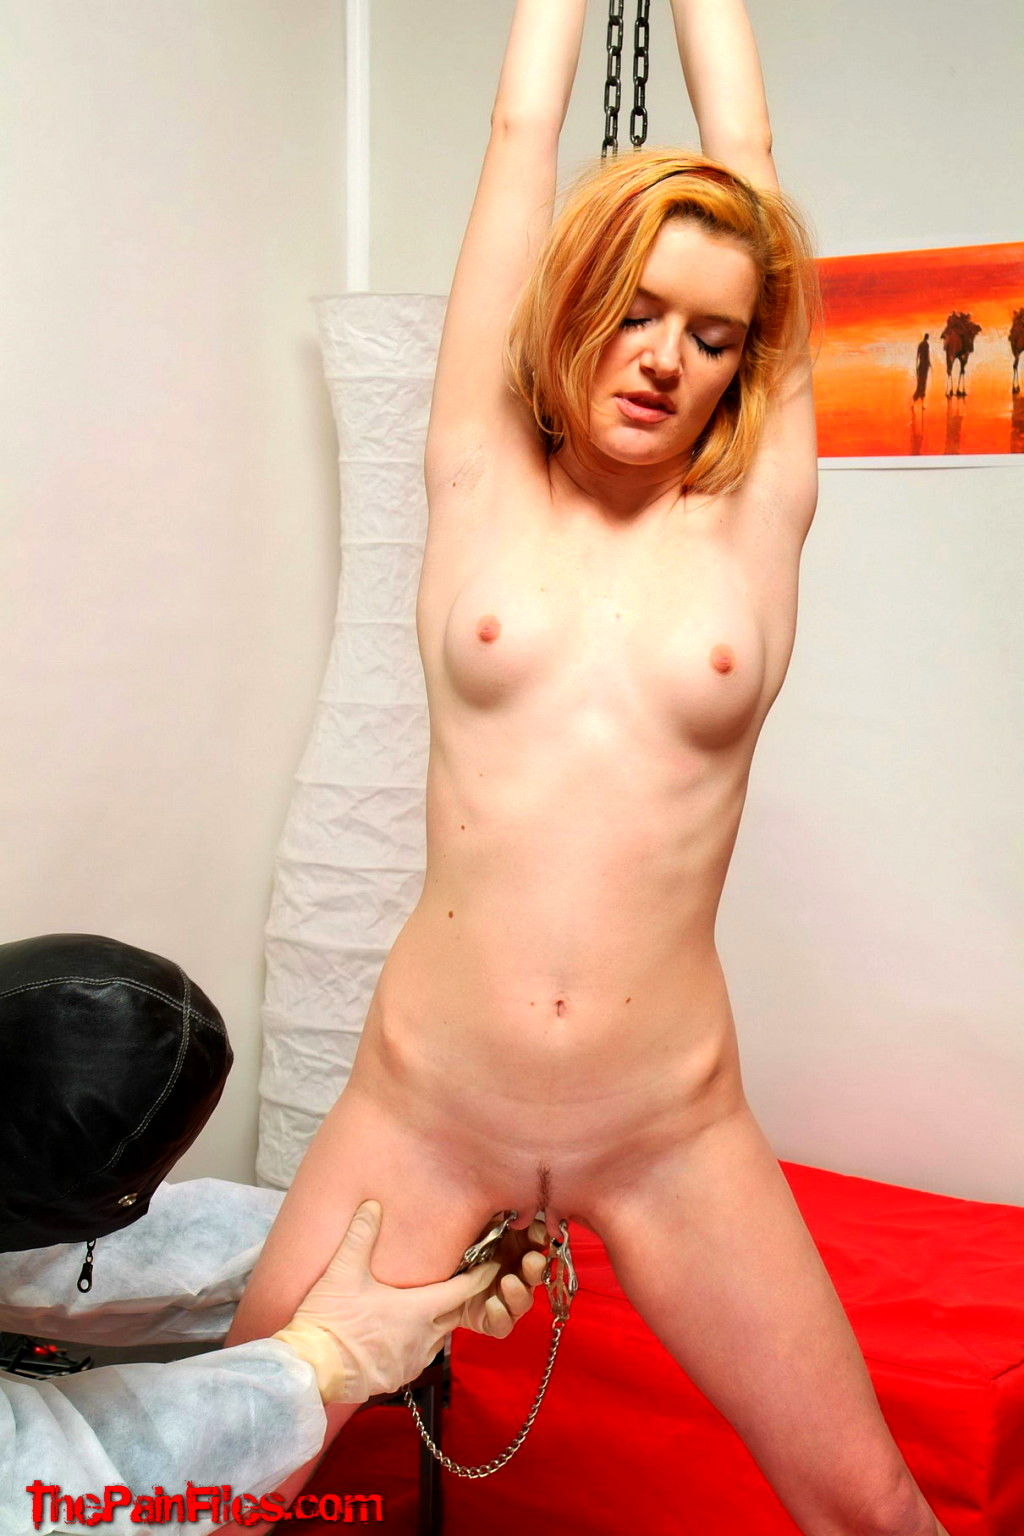 hot young erotic photos